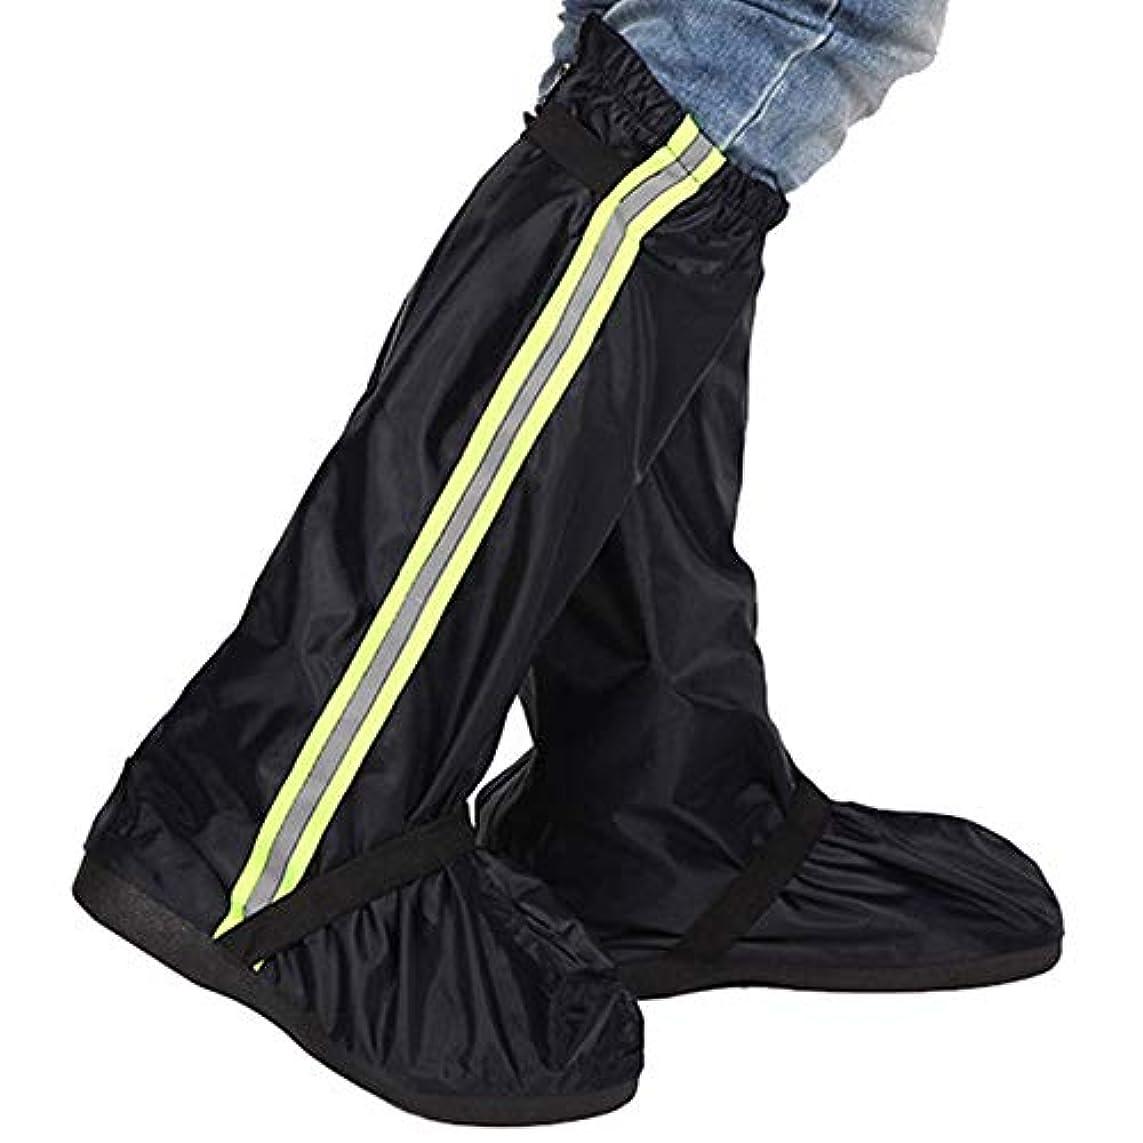 アクティビティエッセンス星防水オーバーシューズ バイクシューズカバー、防水反射サイクリングシューズカバー、防風自転車ロックオーバーシューズRain Snow Boot ProtectorフィートゲイターMTBバイク自転車シューズカバー、男性と女性用防水オーバーシューズ (色 : 緑, サイズ : X-Large)